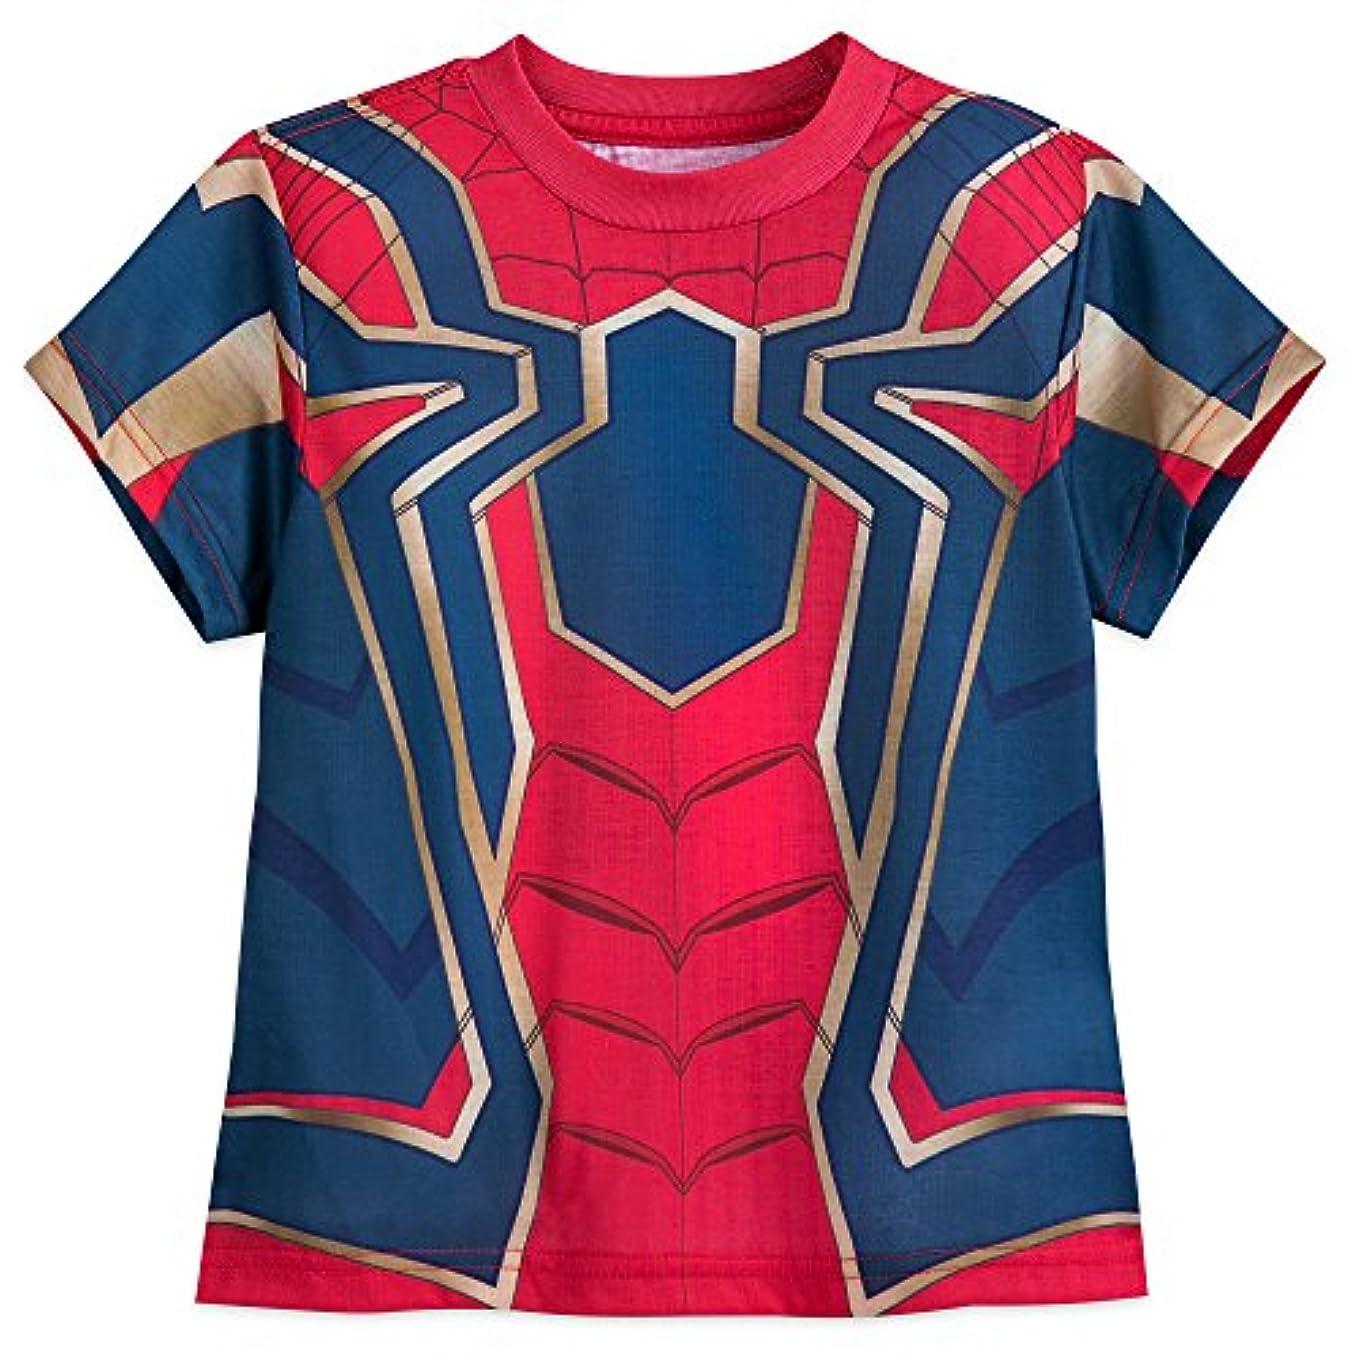 言い聞かせる呼び起こす専門知識ディズニー (Disney) スパイダーマン インフィニティ?ウォー なりきり Tシャツ コスチューム (US7/8) [並行輸入品]